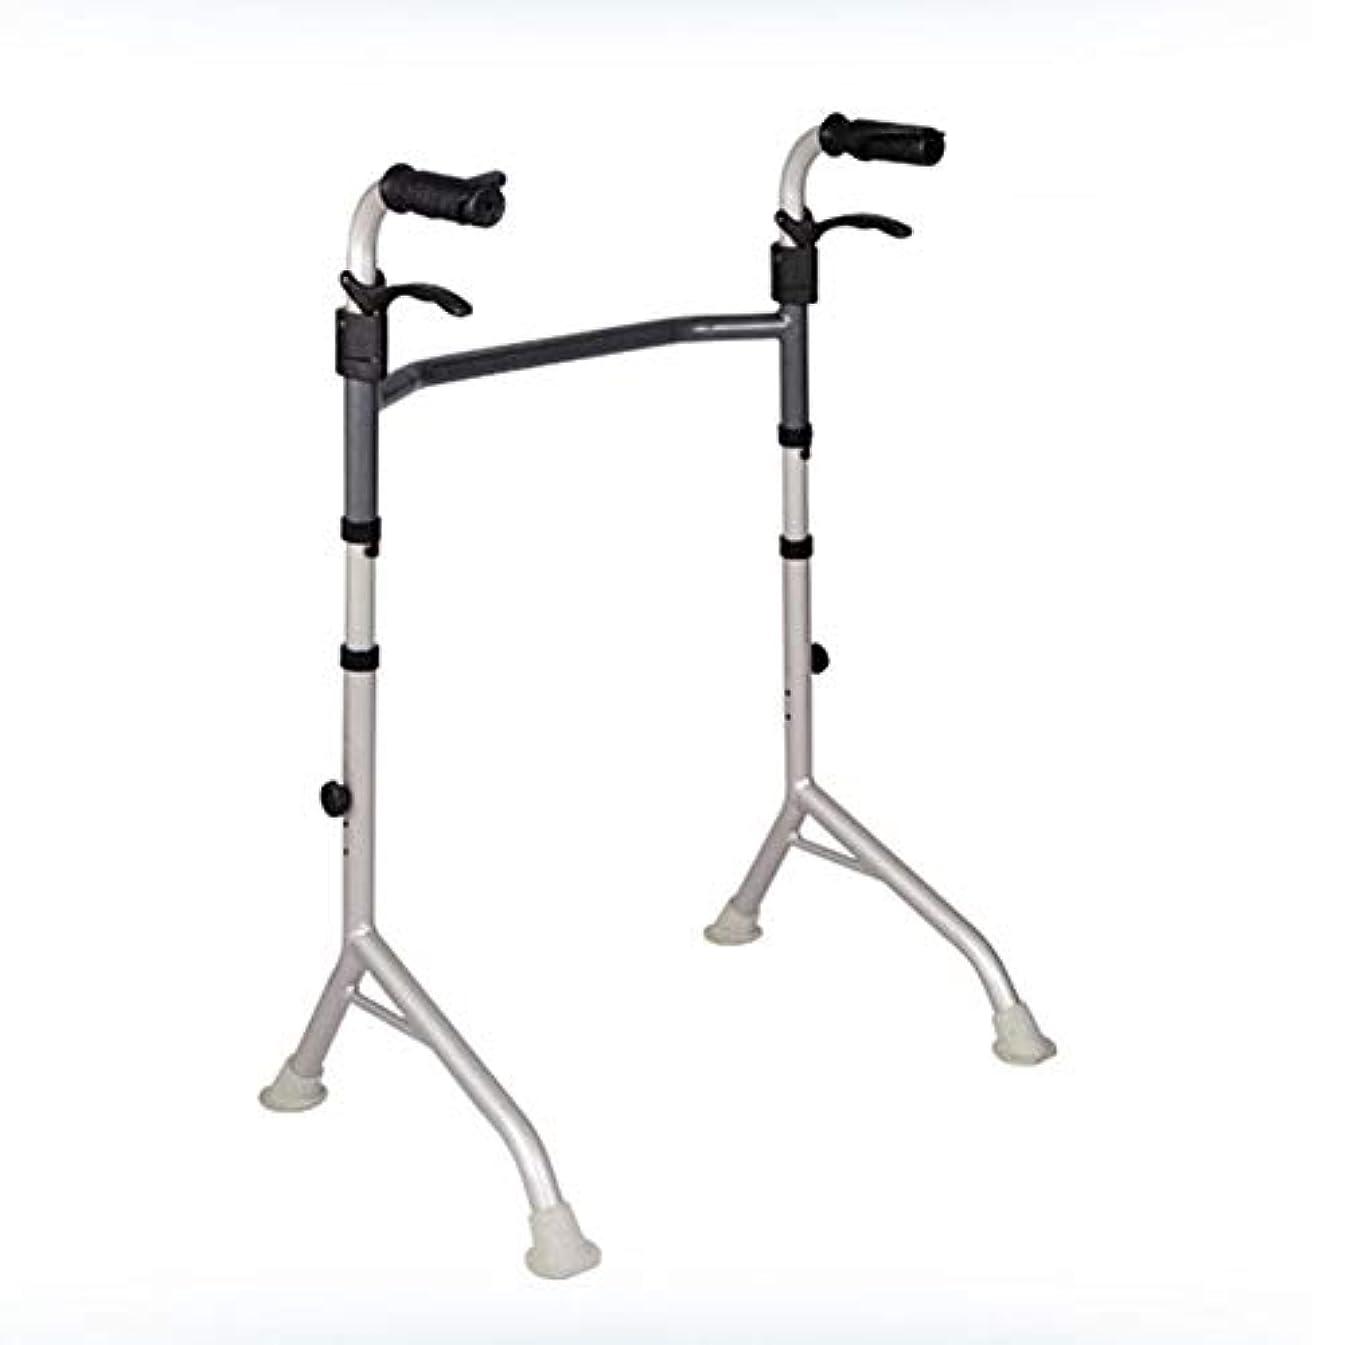 割り込みハリケーン固める四脚歩行器、高齢者歩行フレーム、リハビリテーション立ちアームレスト、歩行補助